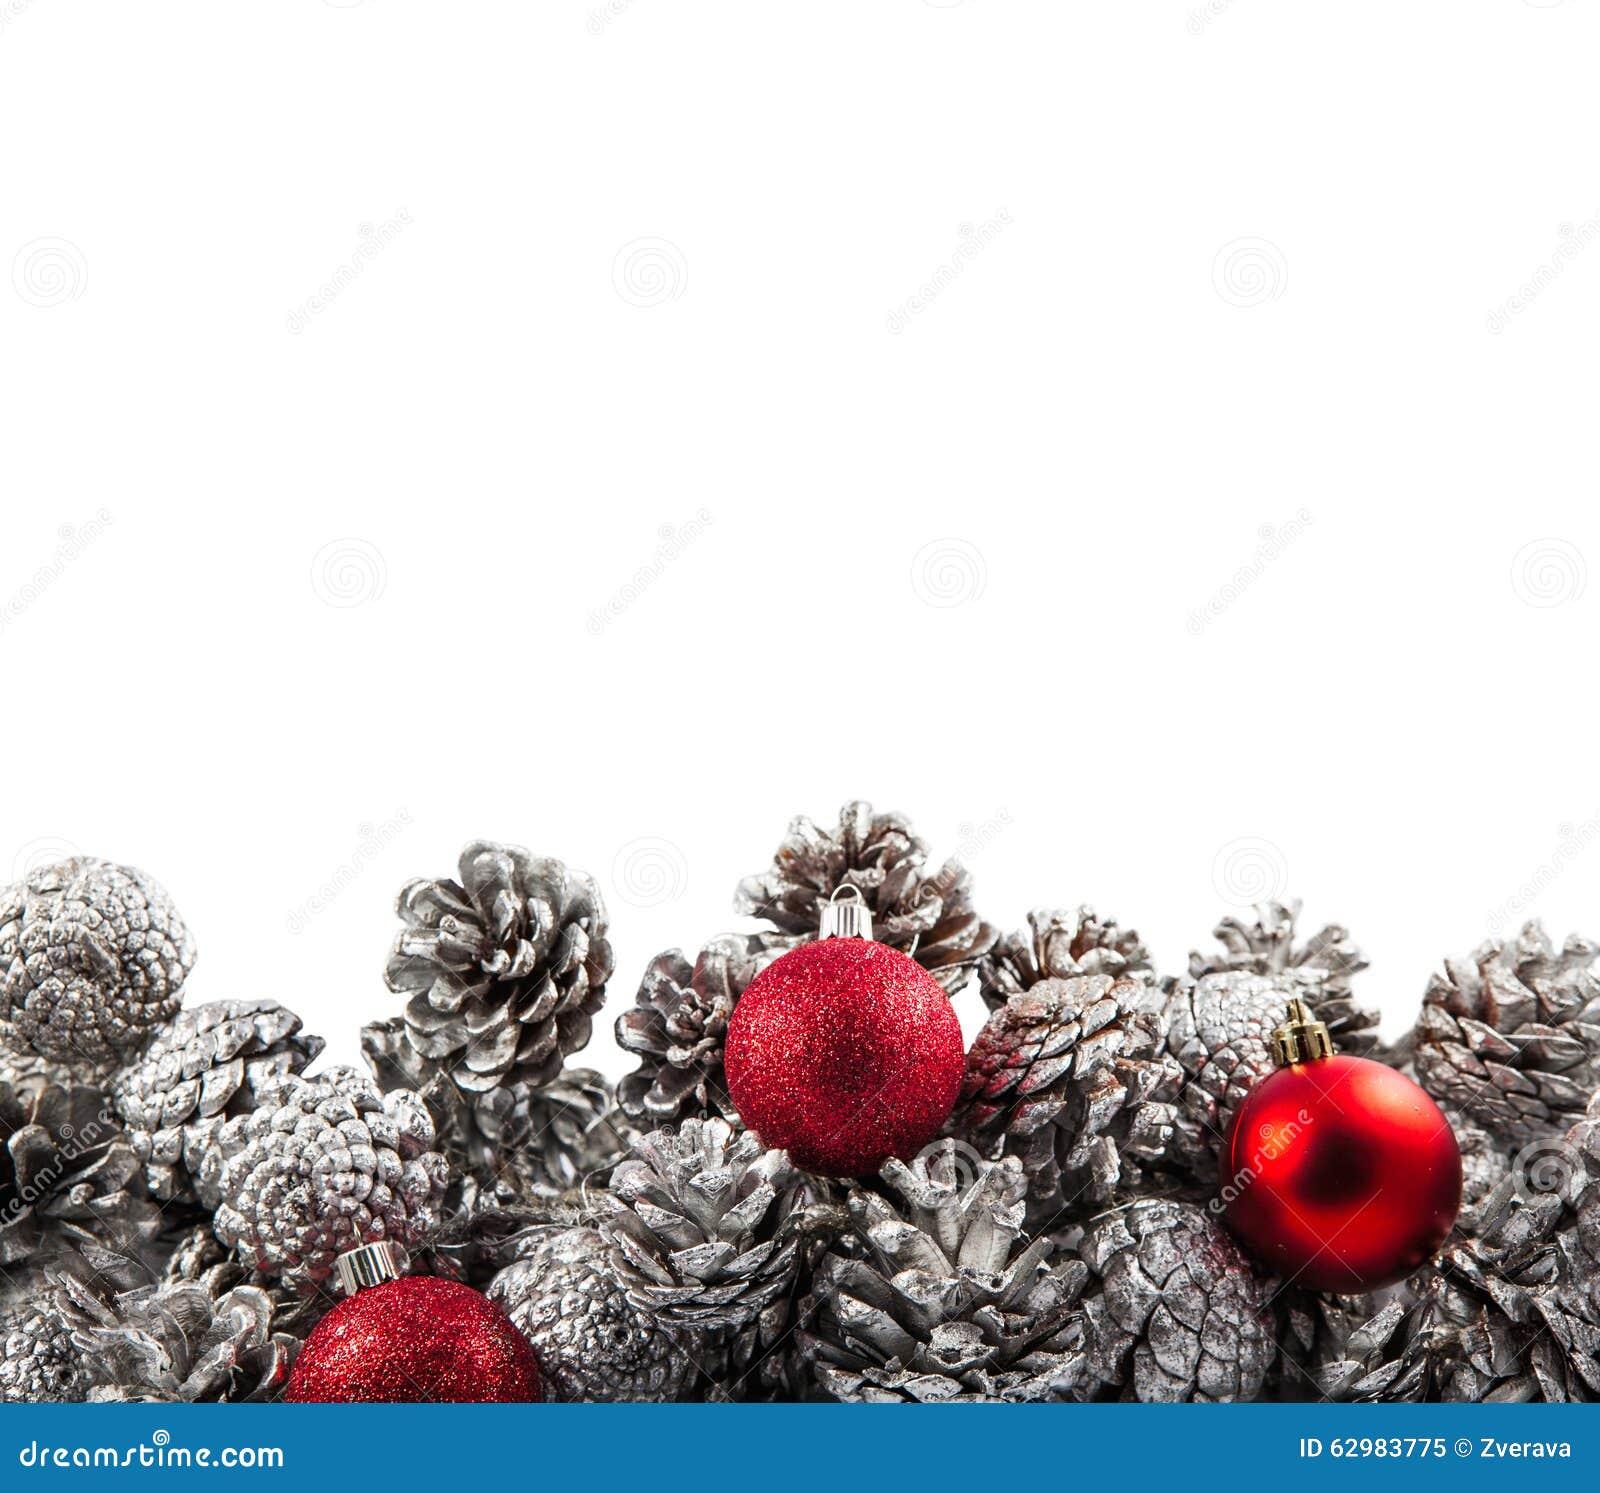 De zilveren decoratie van denneappelskerstmis op wit stock afbeelding afbeelding 62983775 - Decoratie van de villas ...